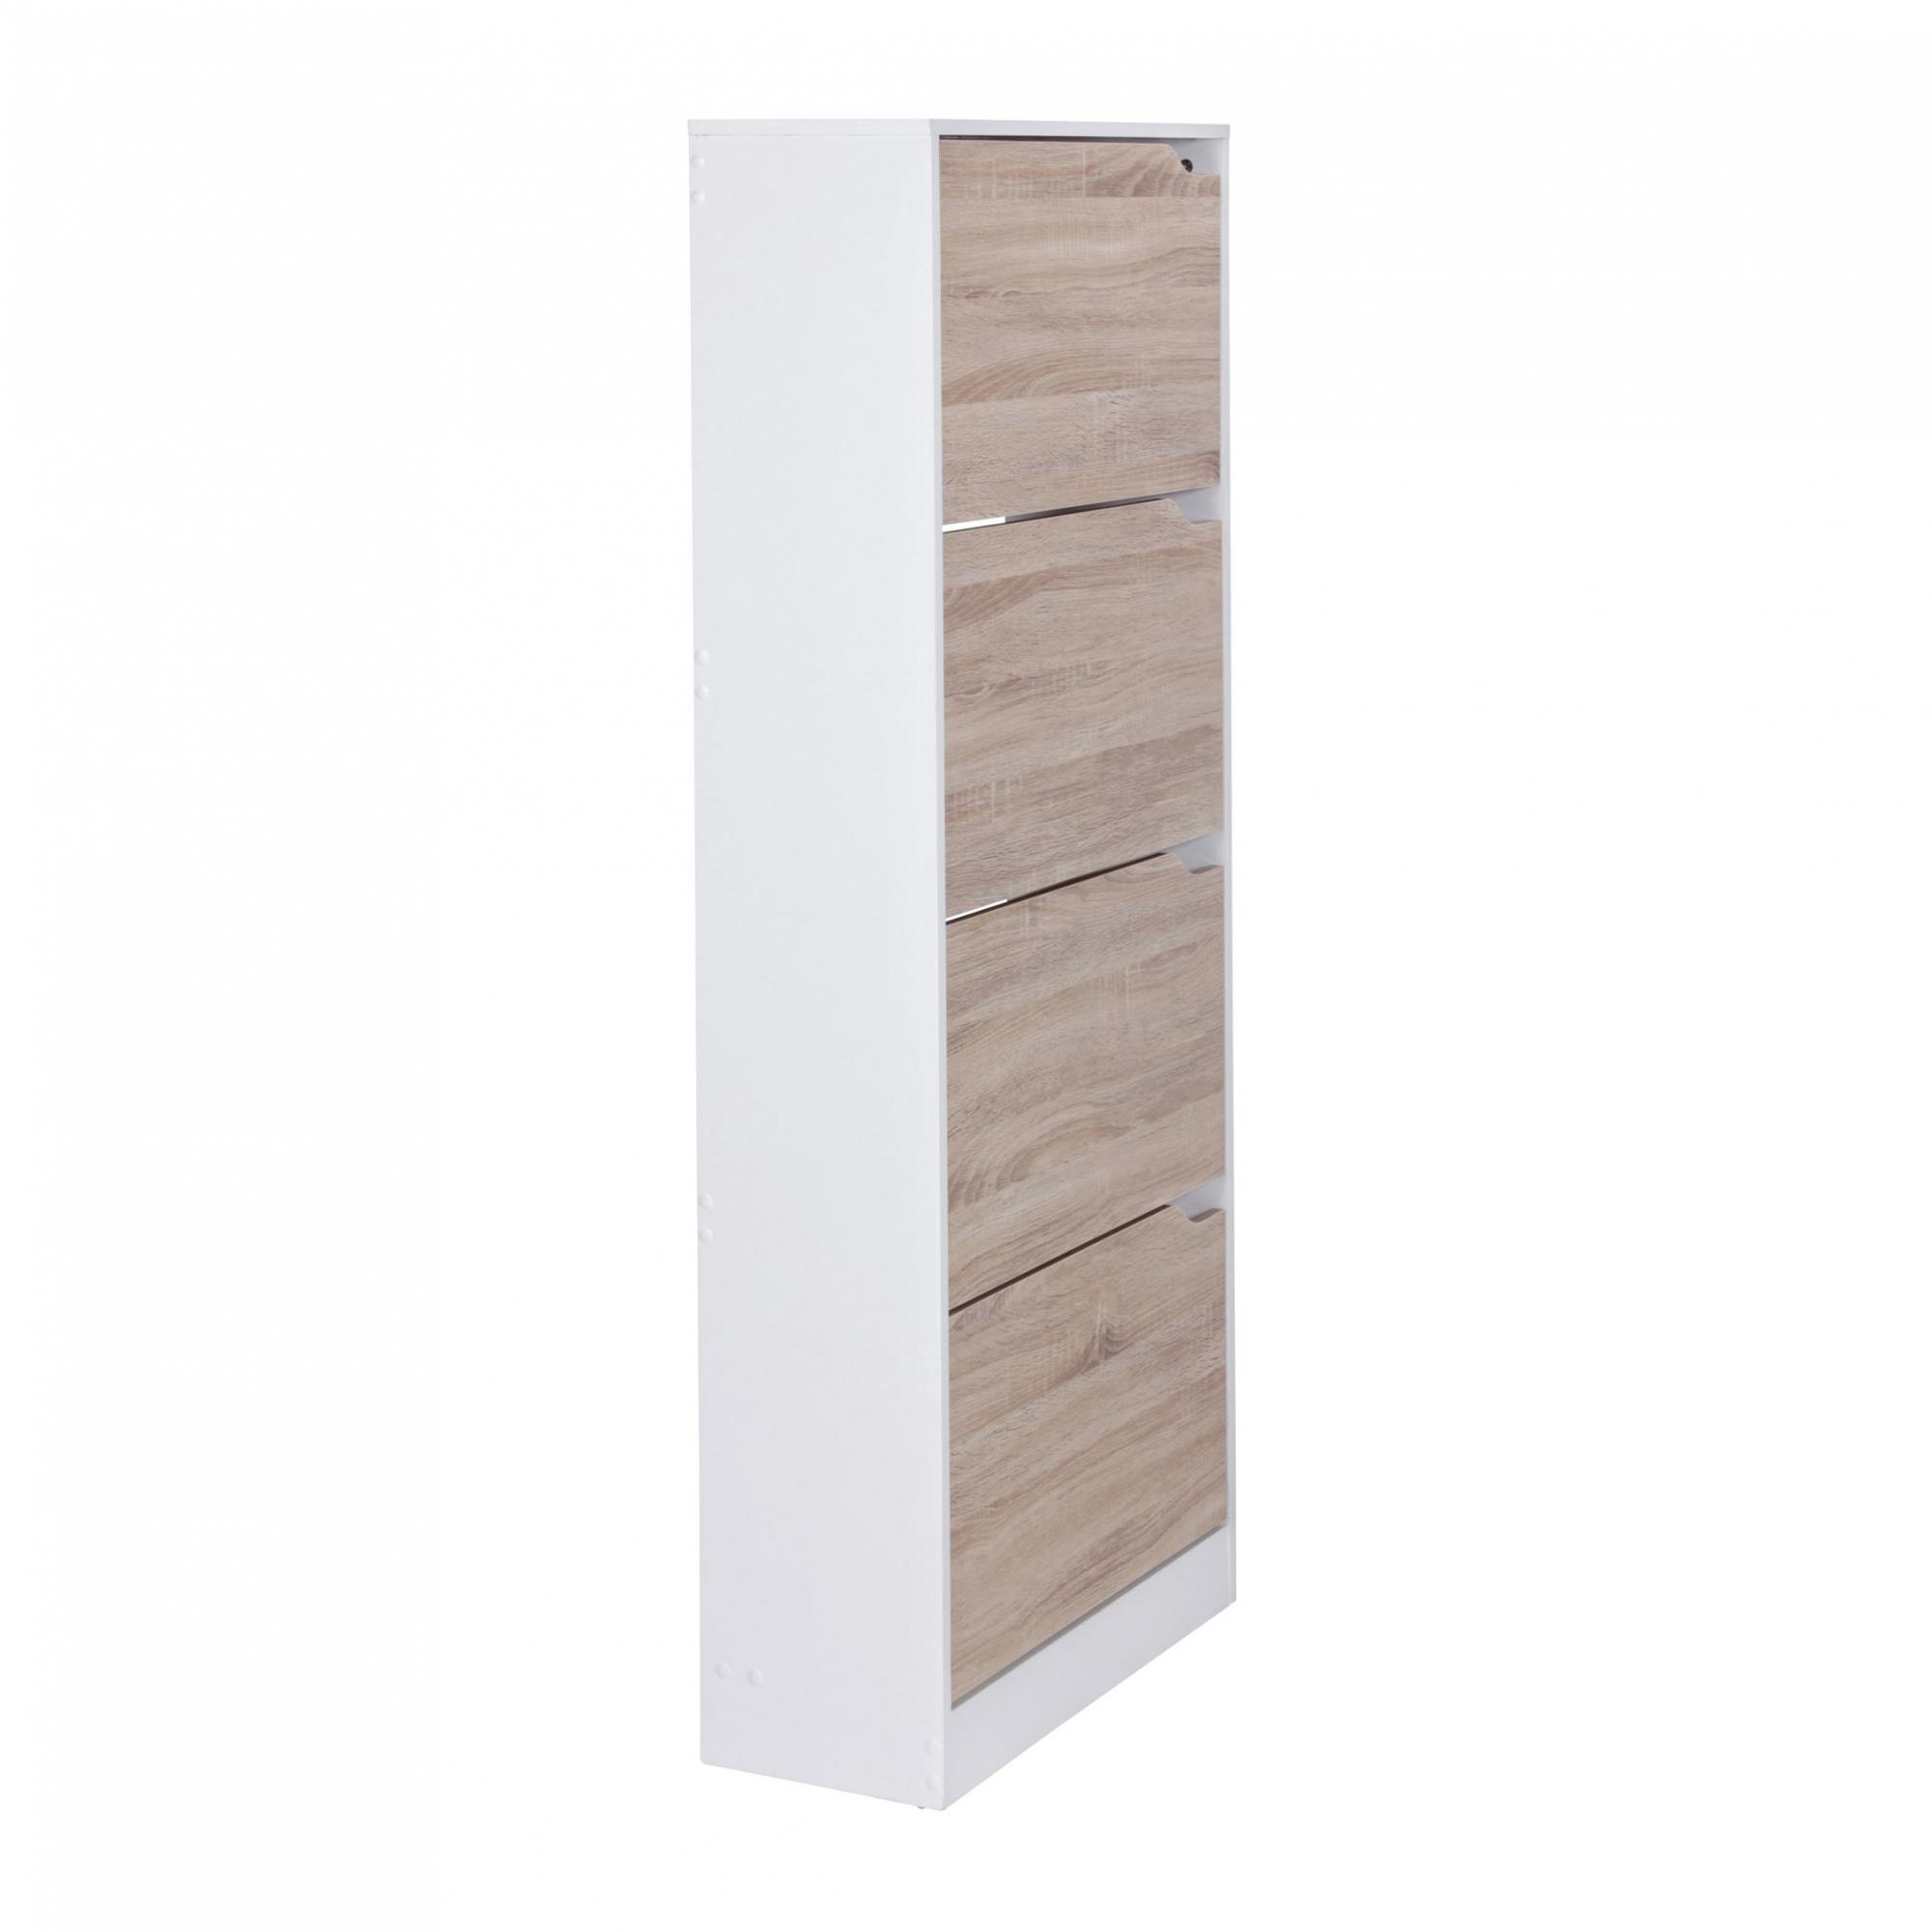 Botník s 4 výklopnými zásuvkami Vera, 150 cm, bílá/Sonoma dub